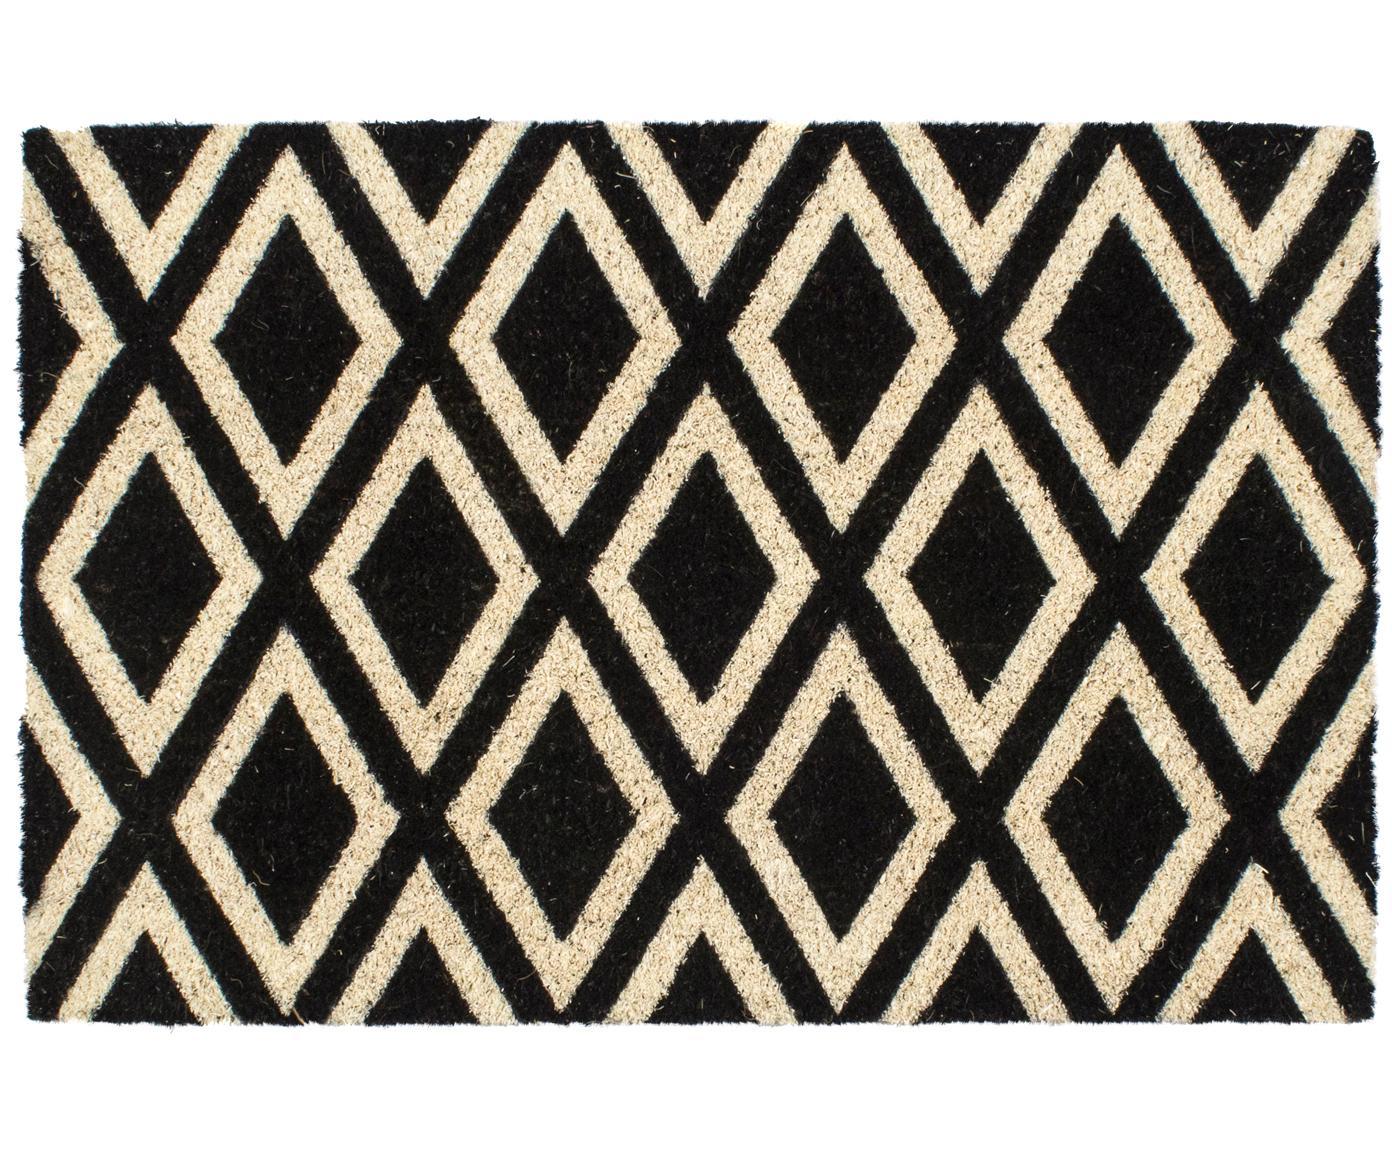 Fußmatte Rhombi, Oberseite: Kokosfaser, Unterseite: Kunststoff (PVC), Schwarz, Creme, 40 x 60 cm